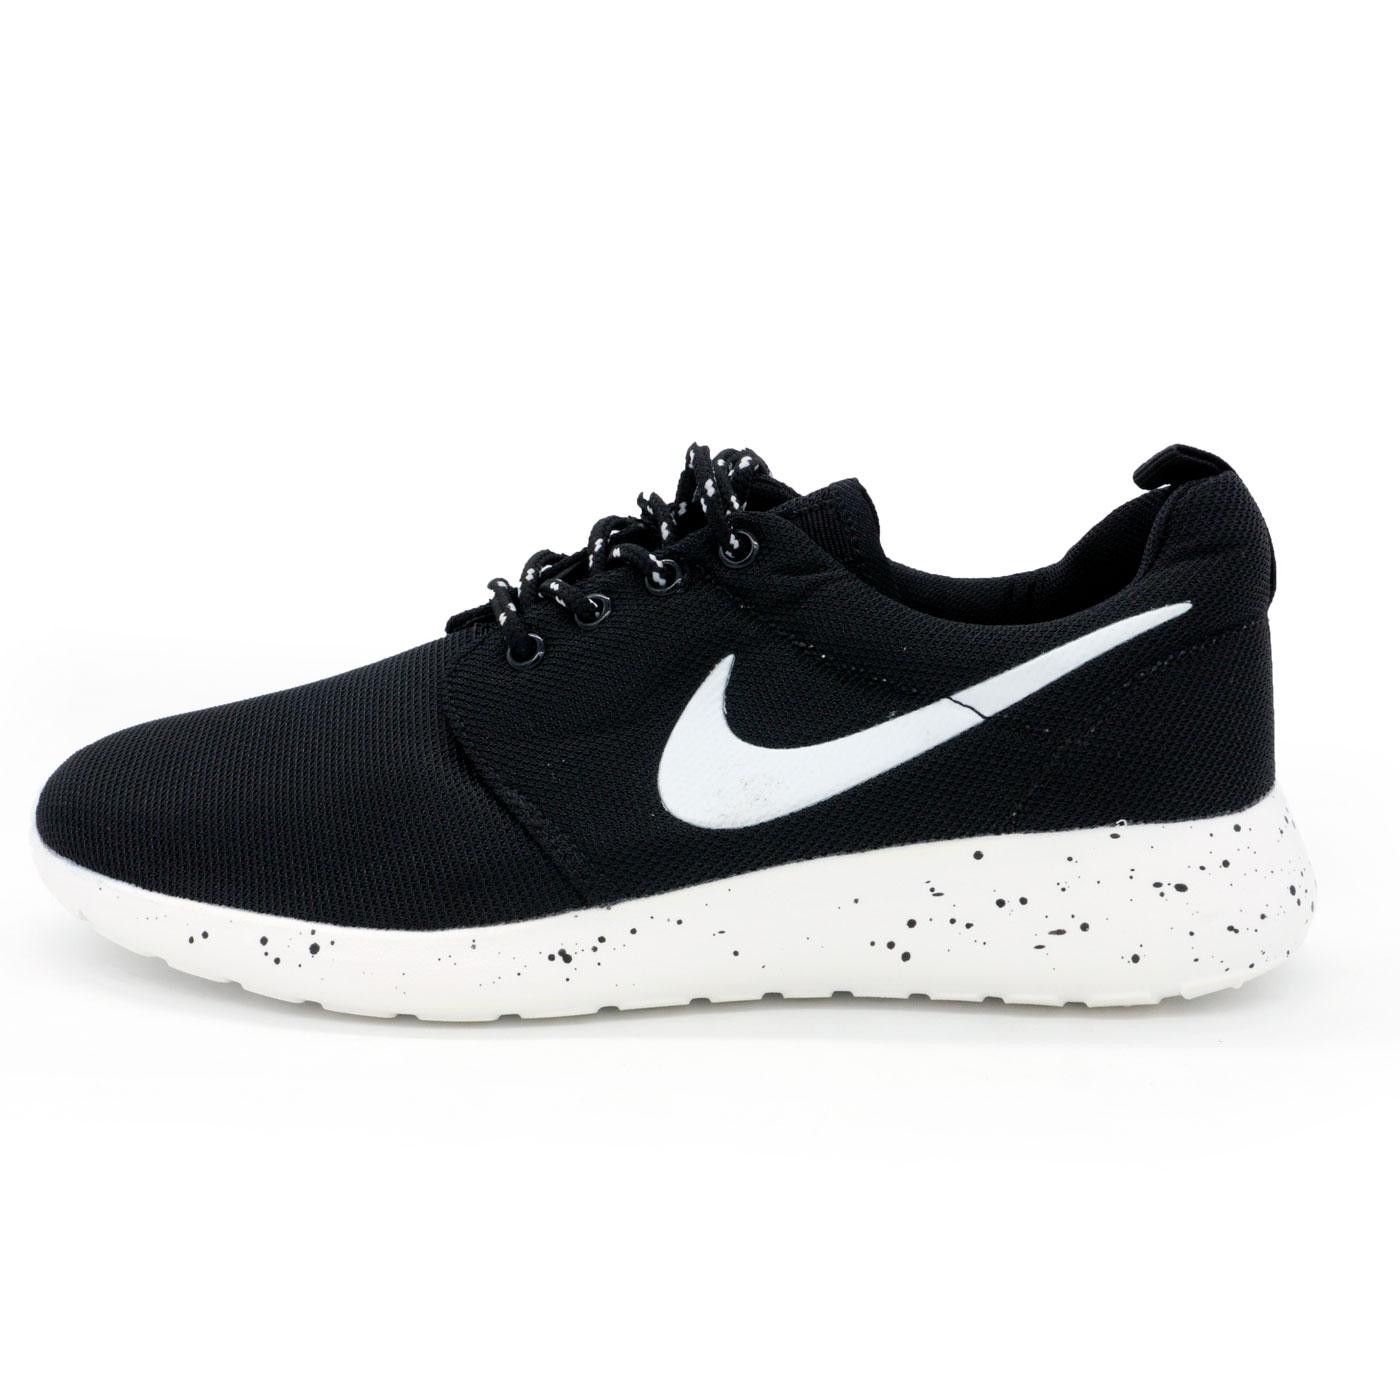 фото main Nike Roshe Run черно белые в крапинку. main